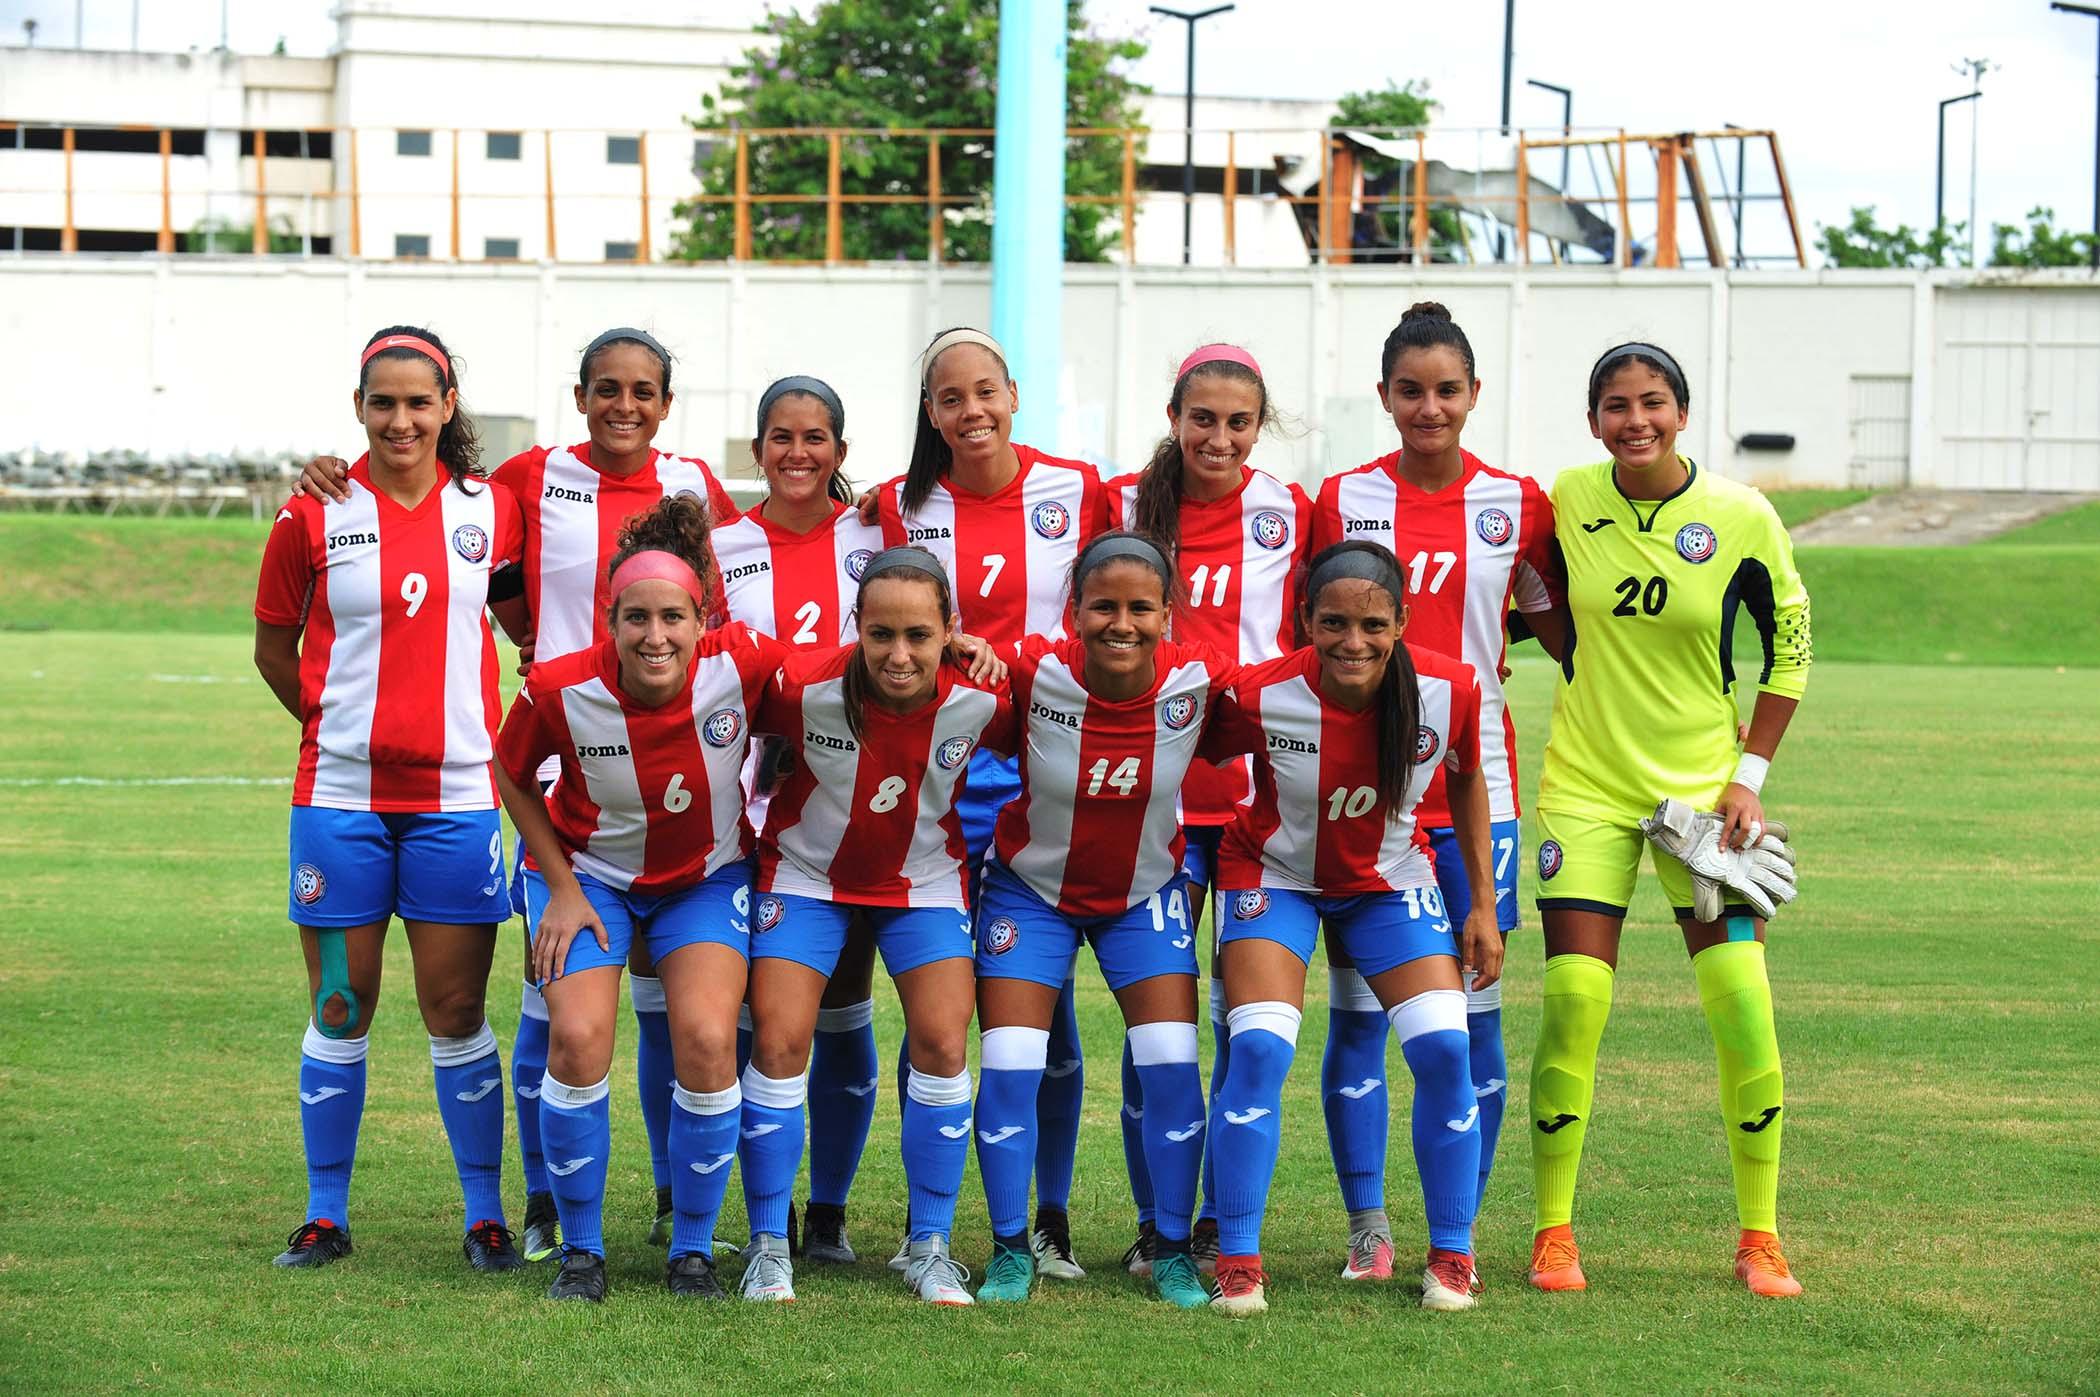 La Selección de Fútbol Femenino de Puerto Rico Finalizó con Empate el Partido ante Argentina en Bayamón